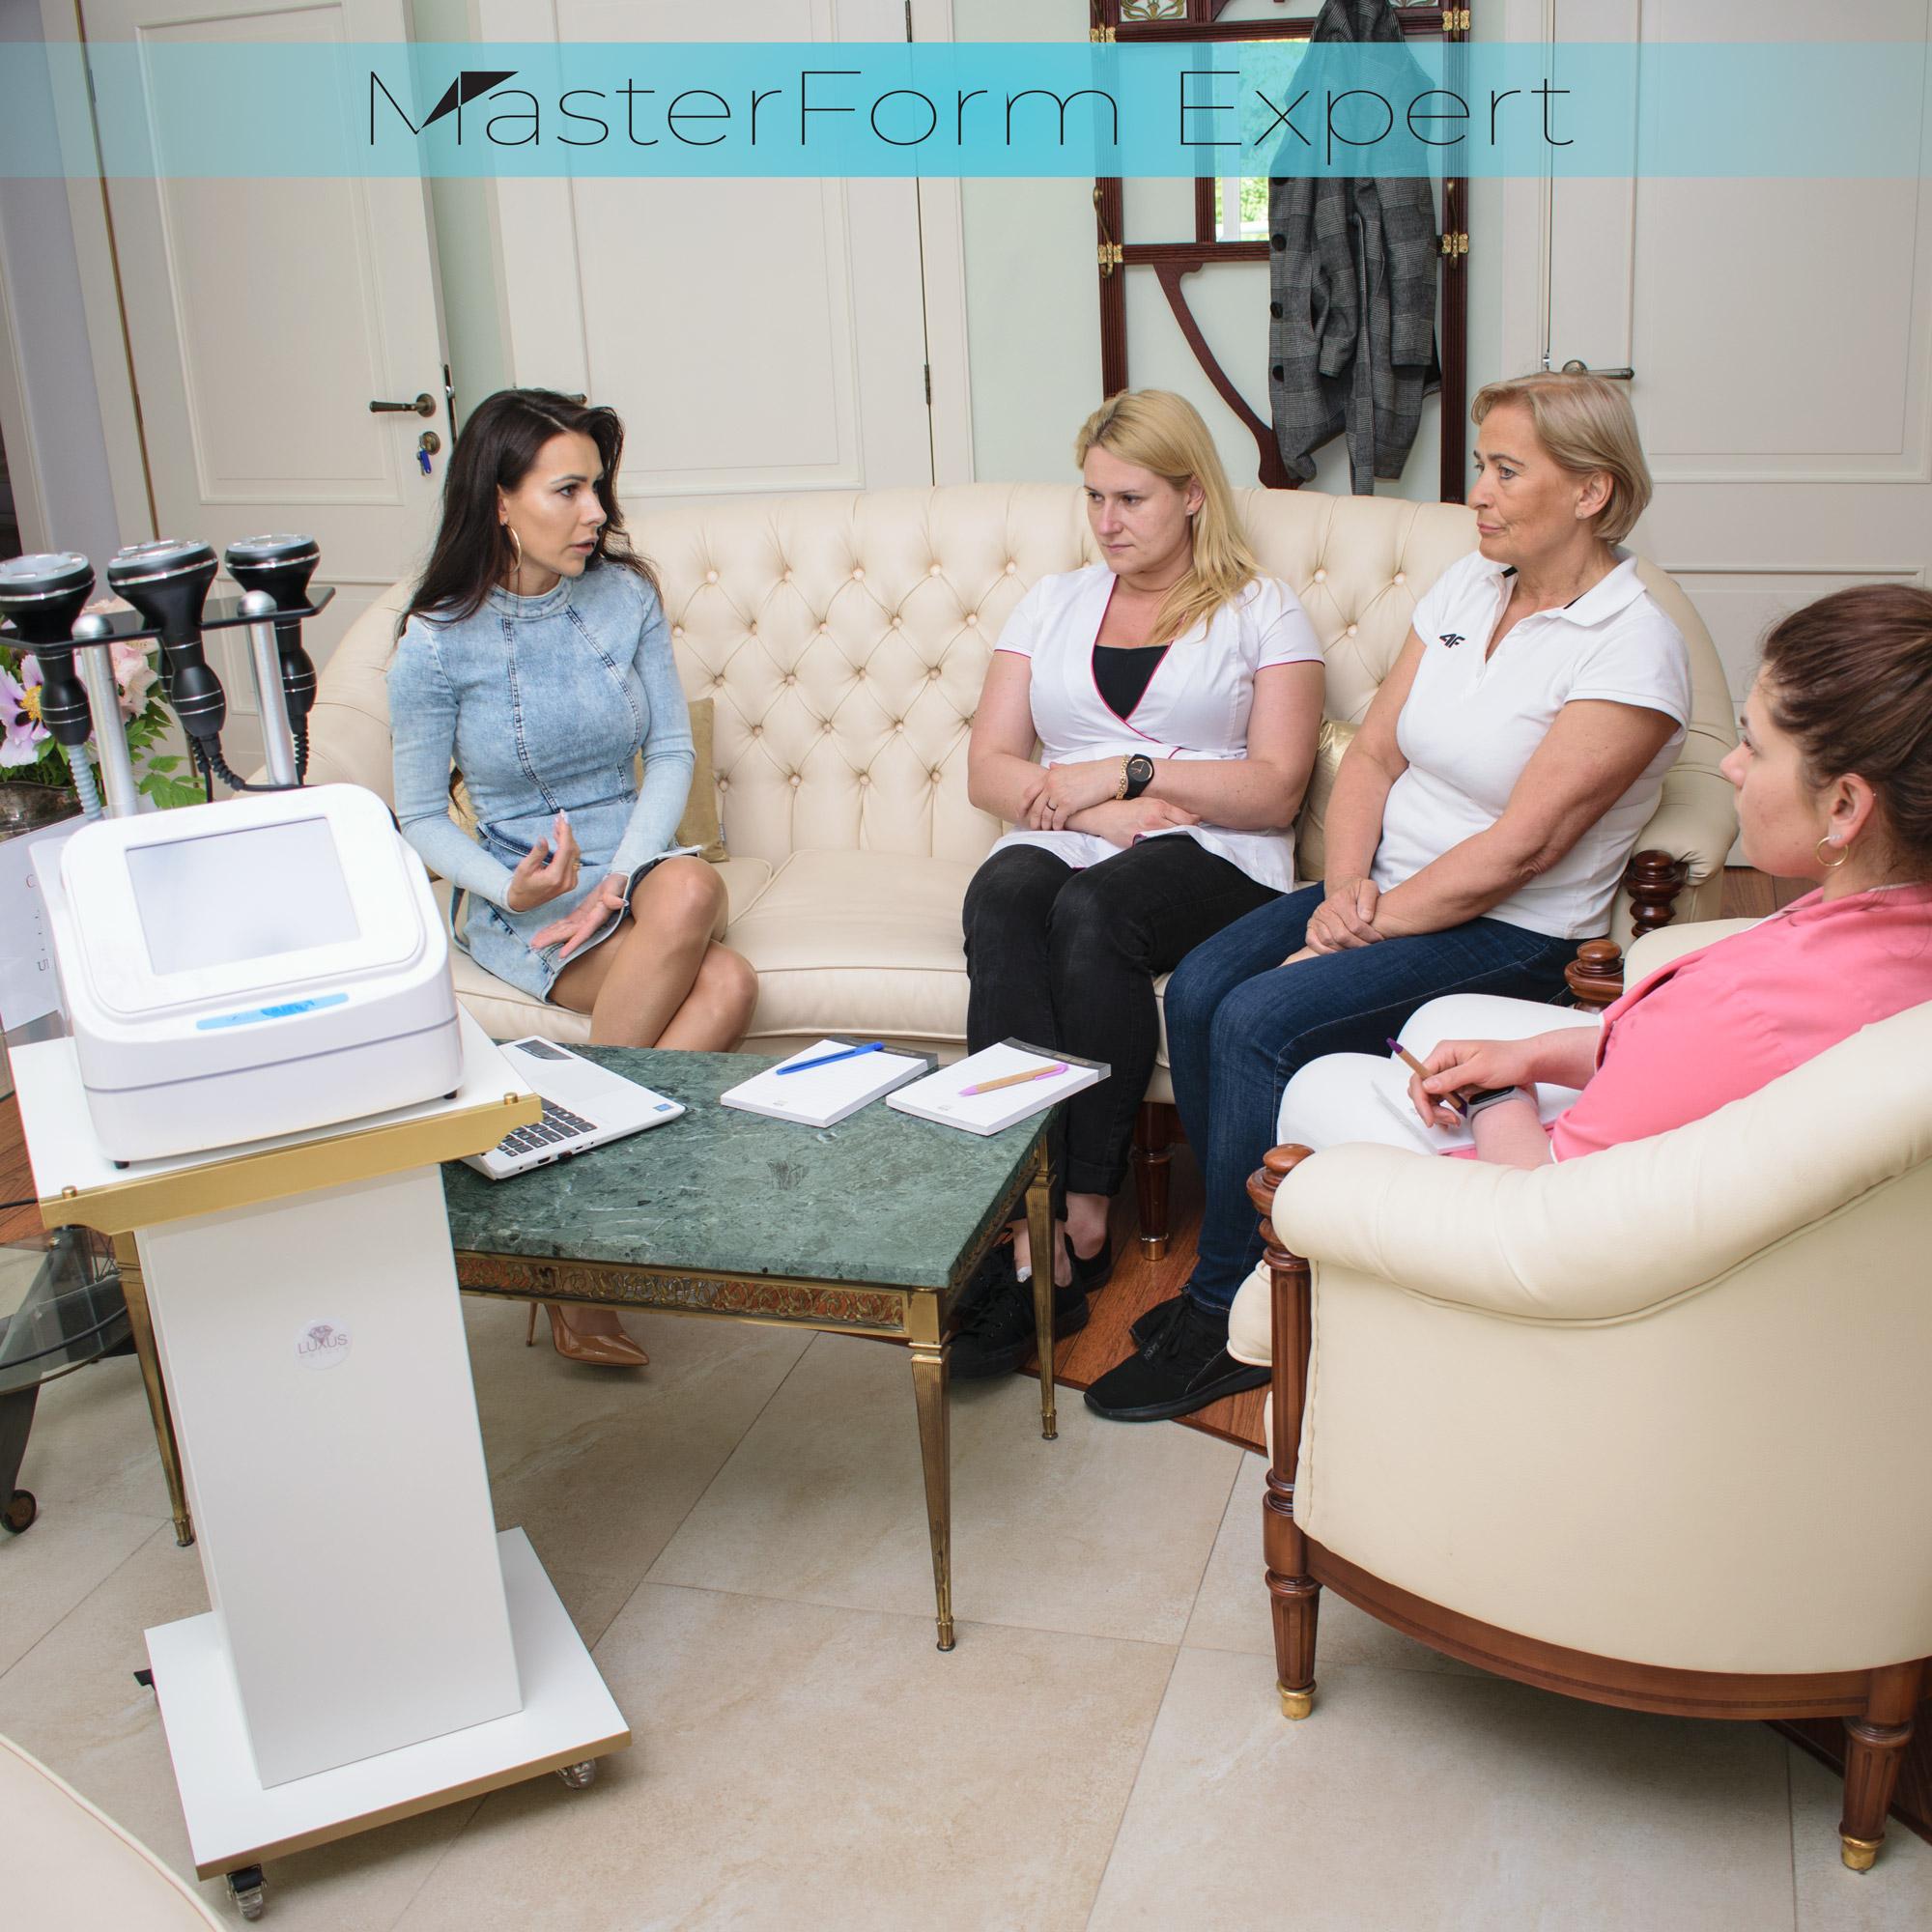 Na początku szkolenia grupa dowiaduje się czym jest endomasaż